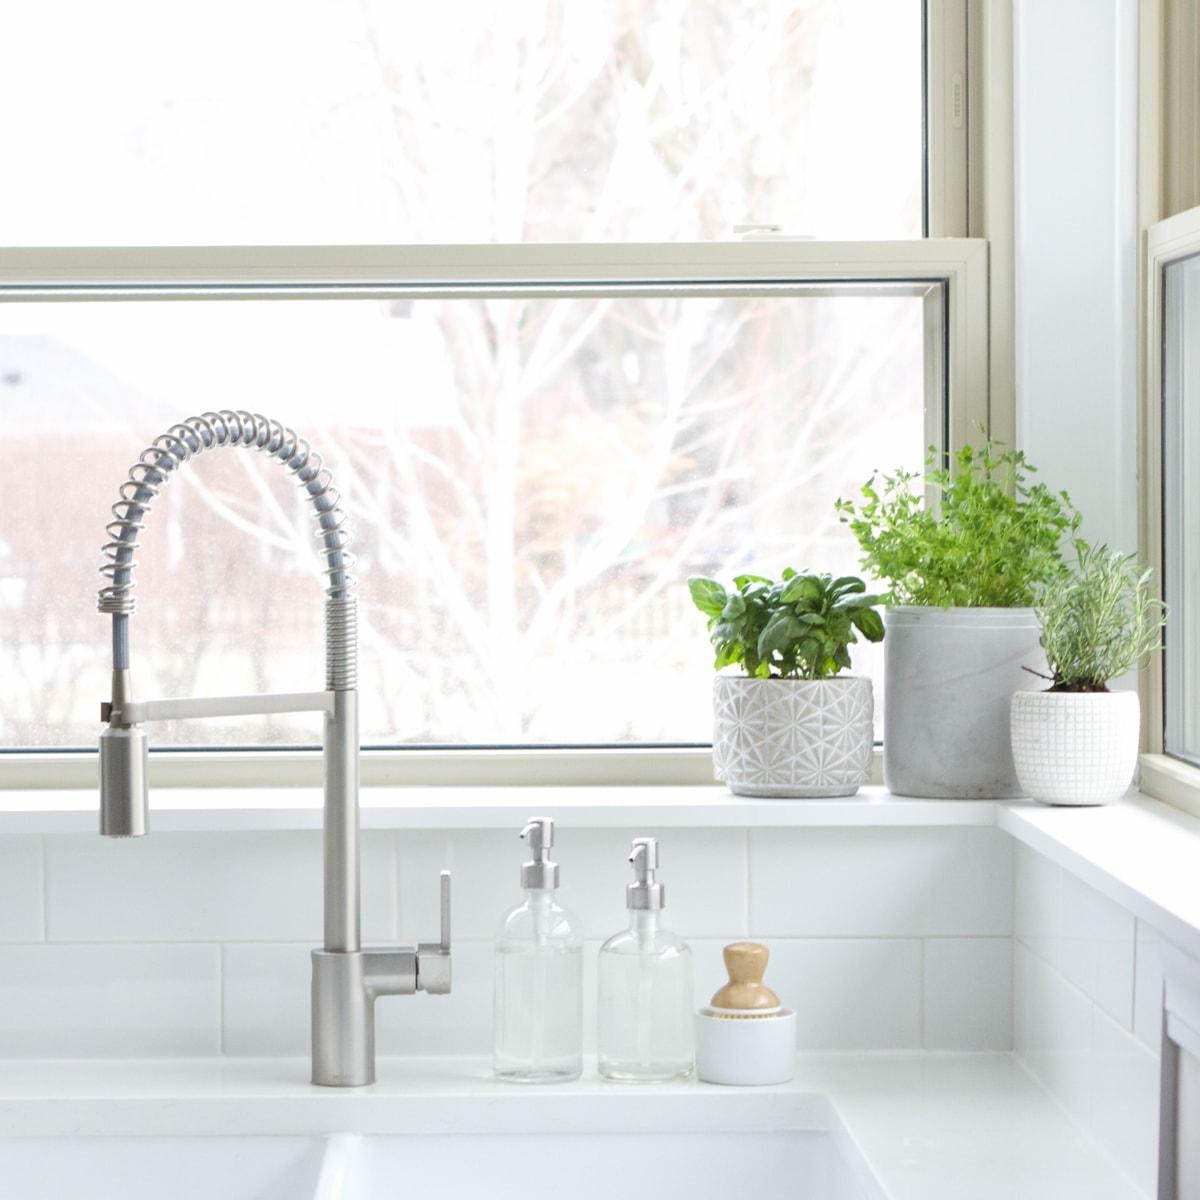 kitchen sink herb garden